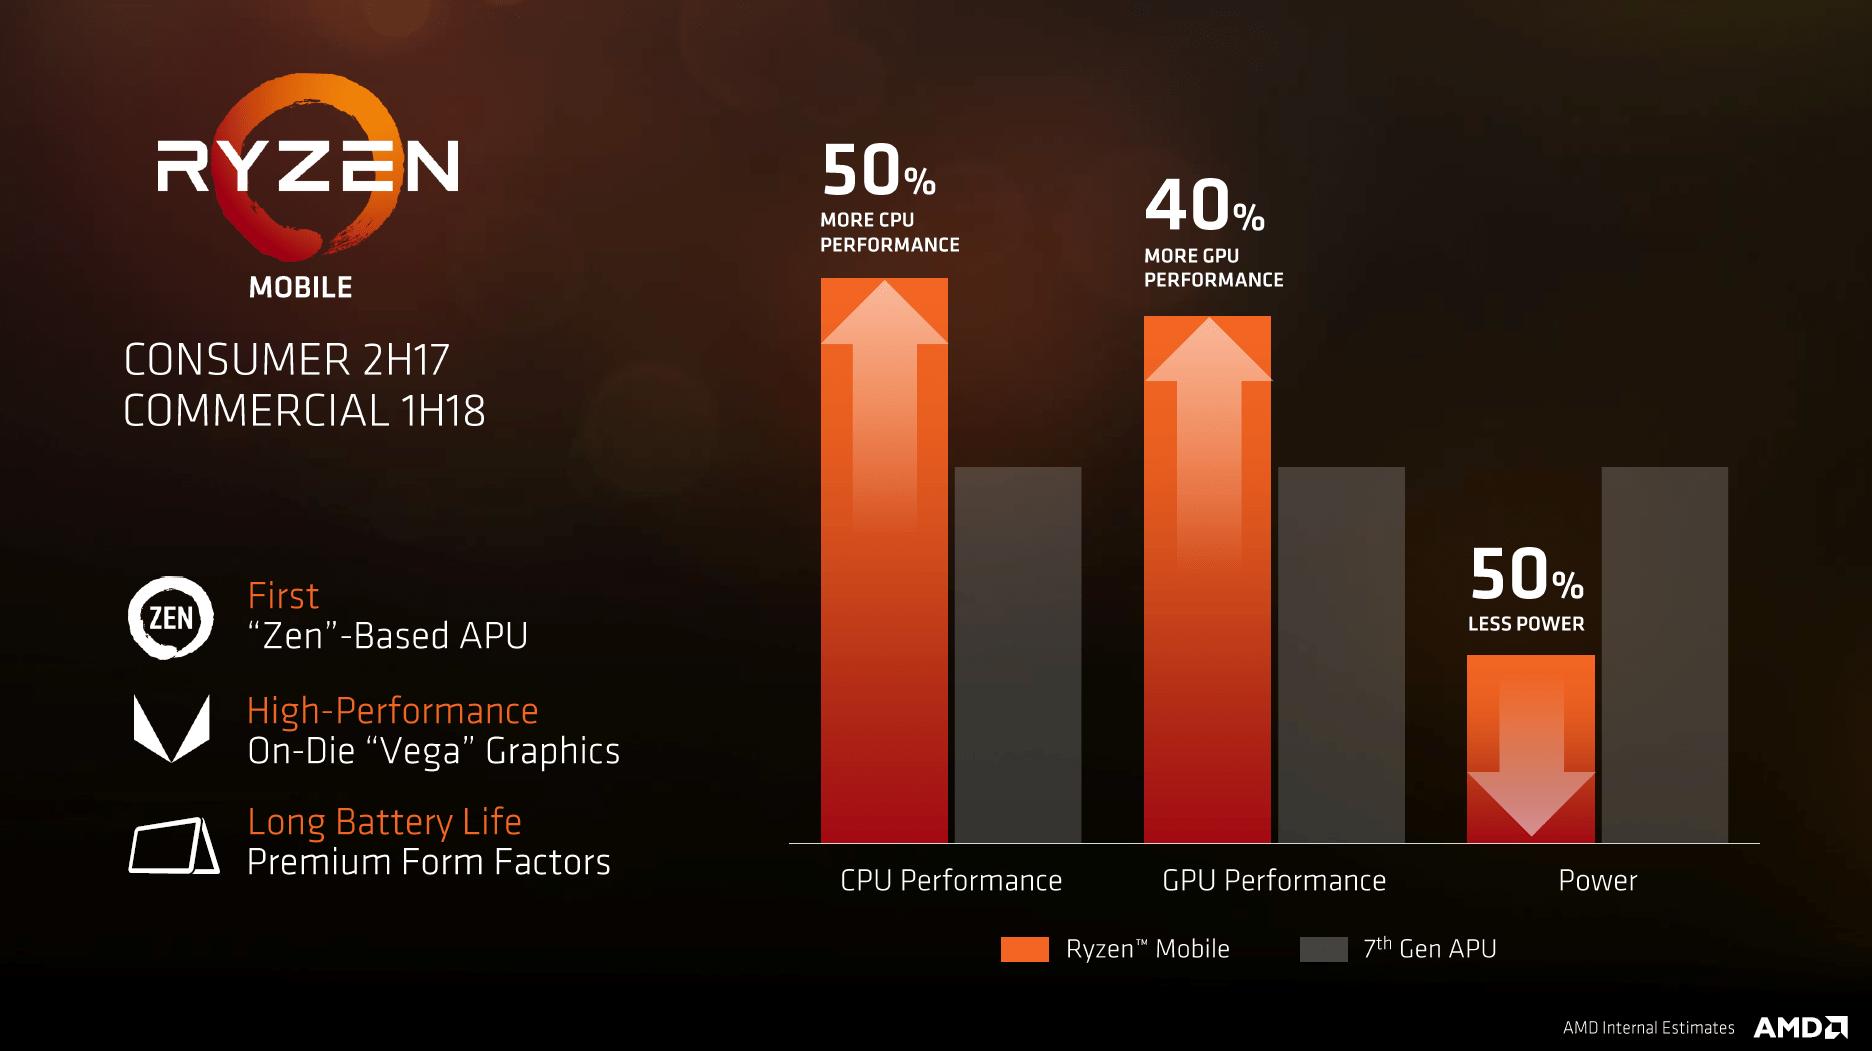 Ryzen Mobile soll deutlich mehr Leistung bieten